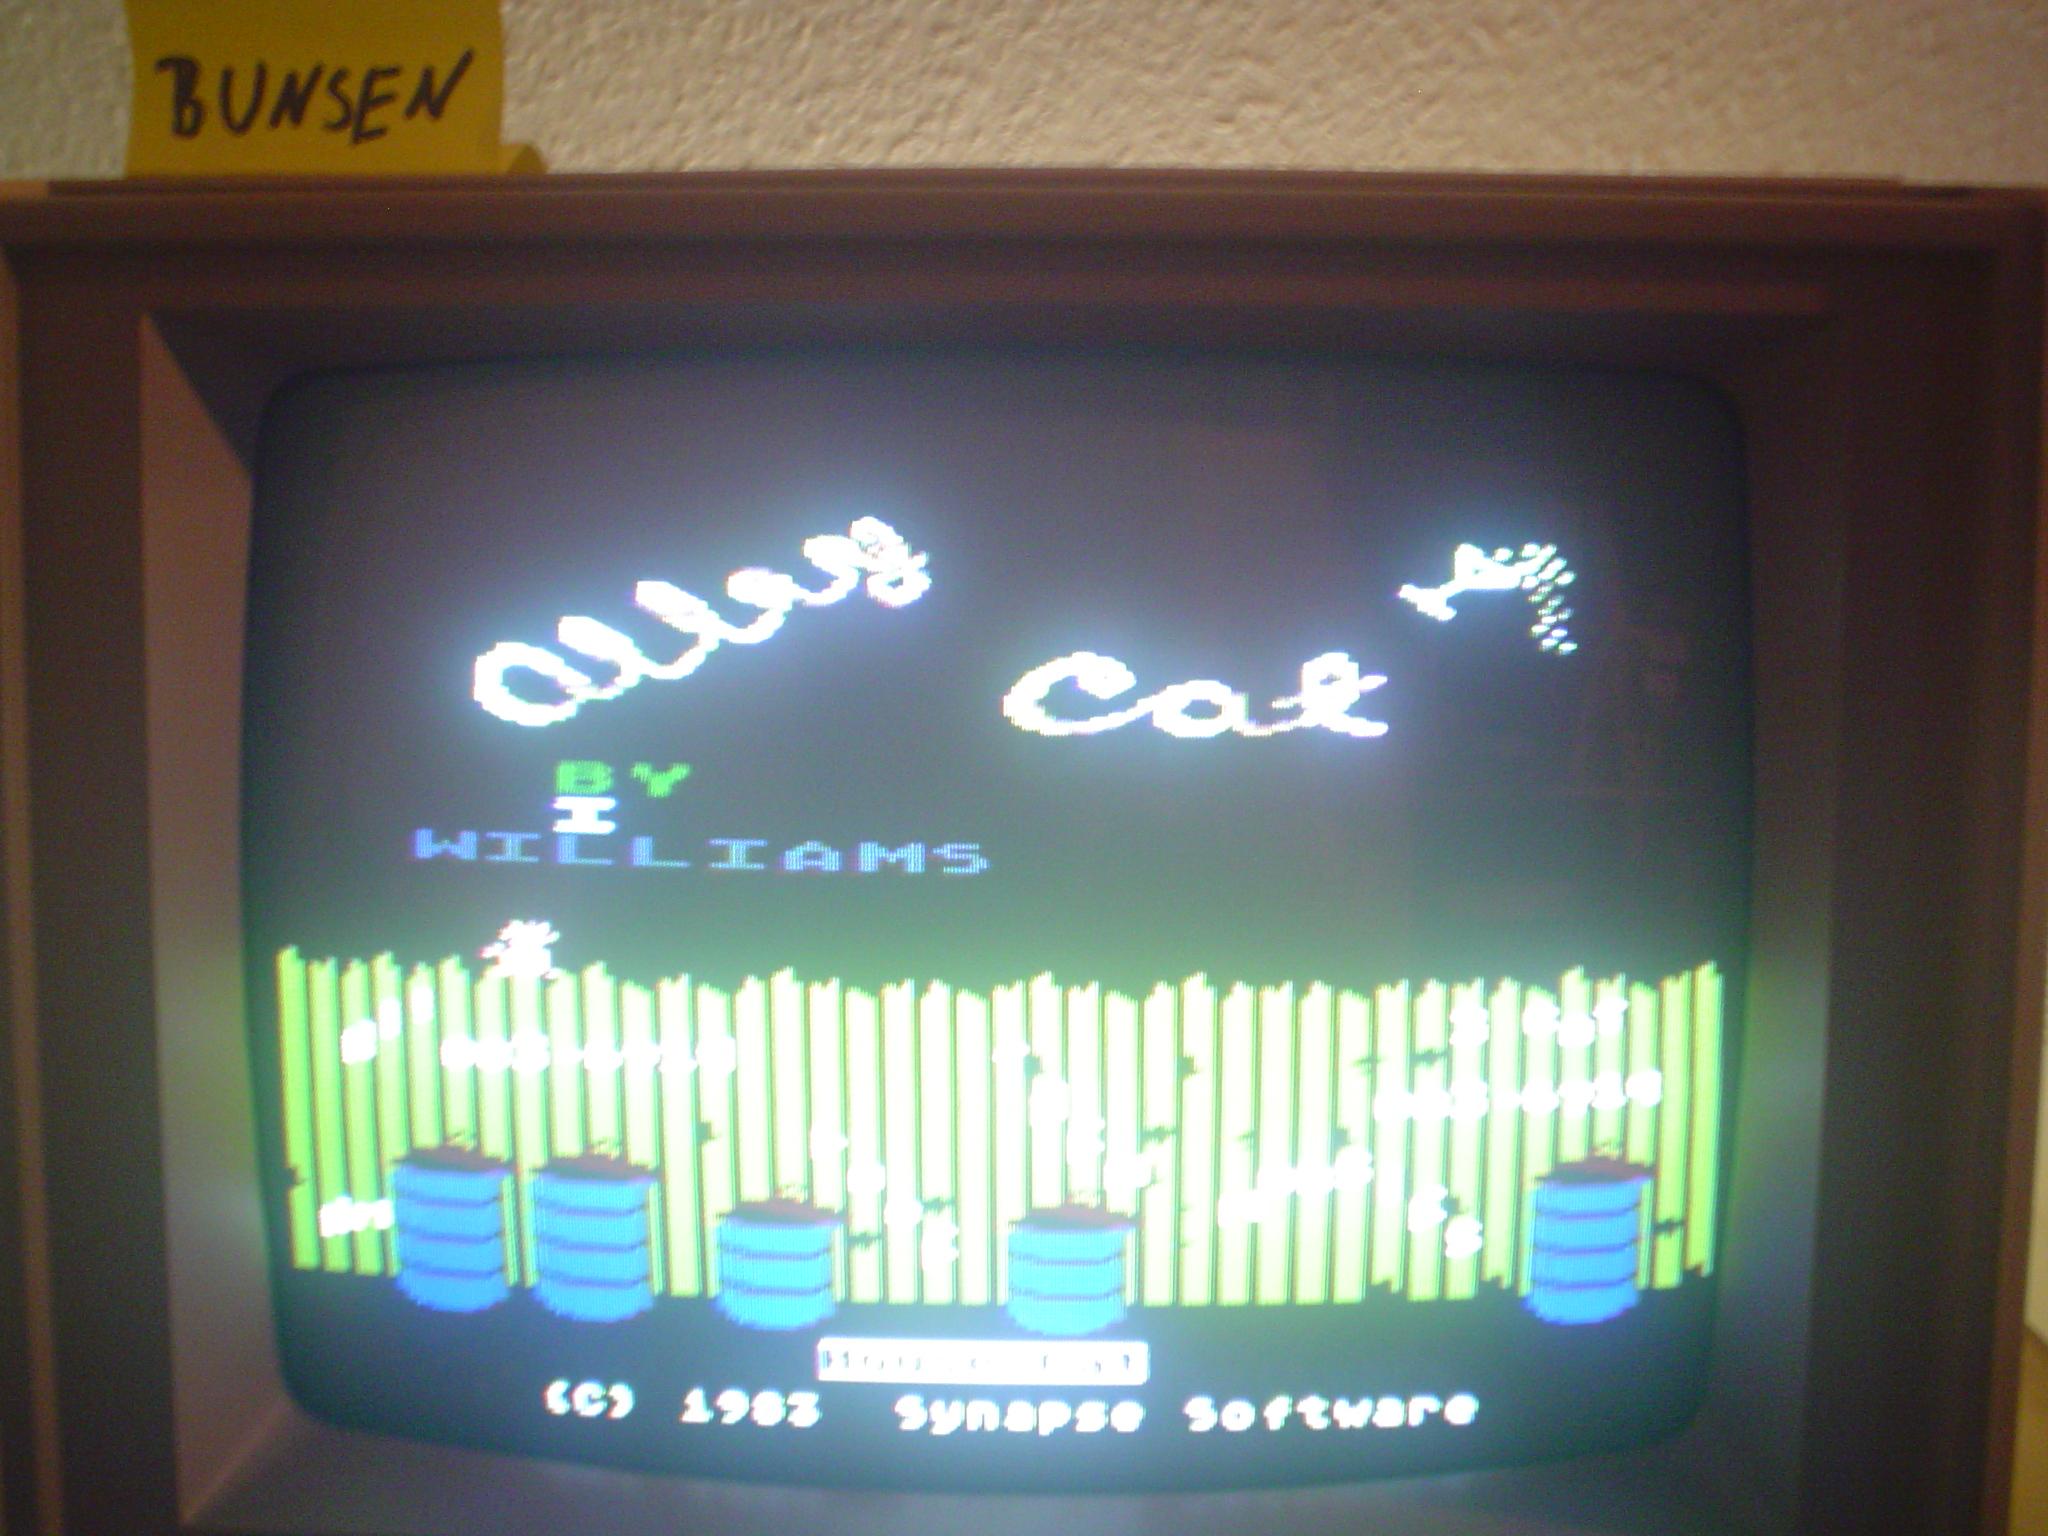 Bunsen: Alley Cat (Atari 400/800/XL/XE) 36,714 points on 2015-03-21 10:11:58